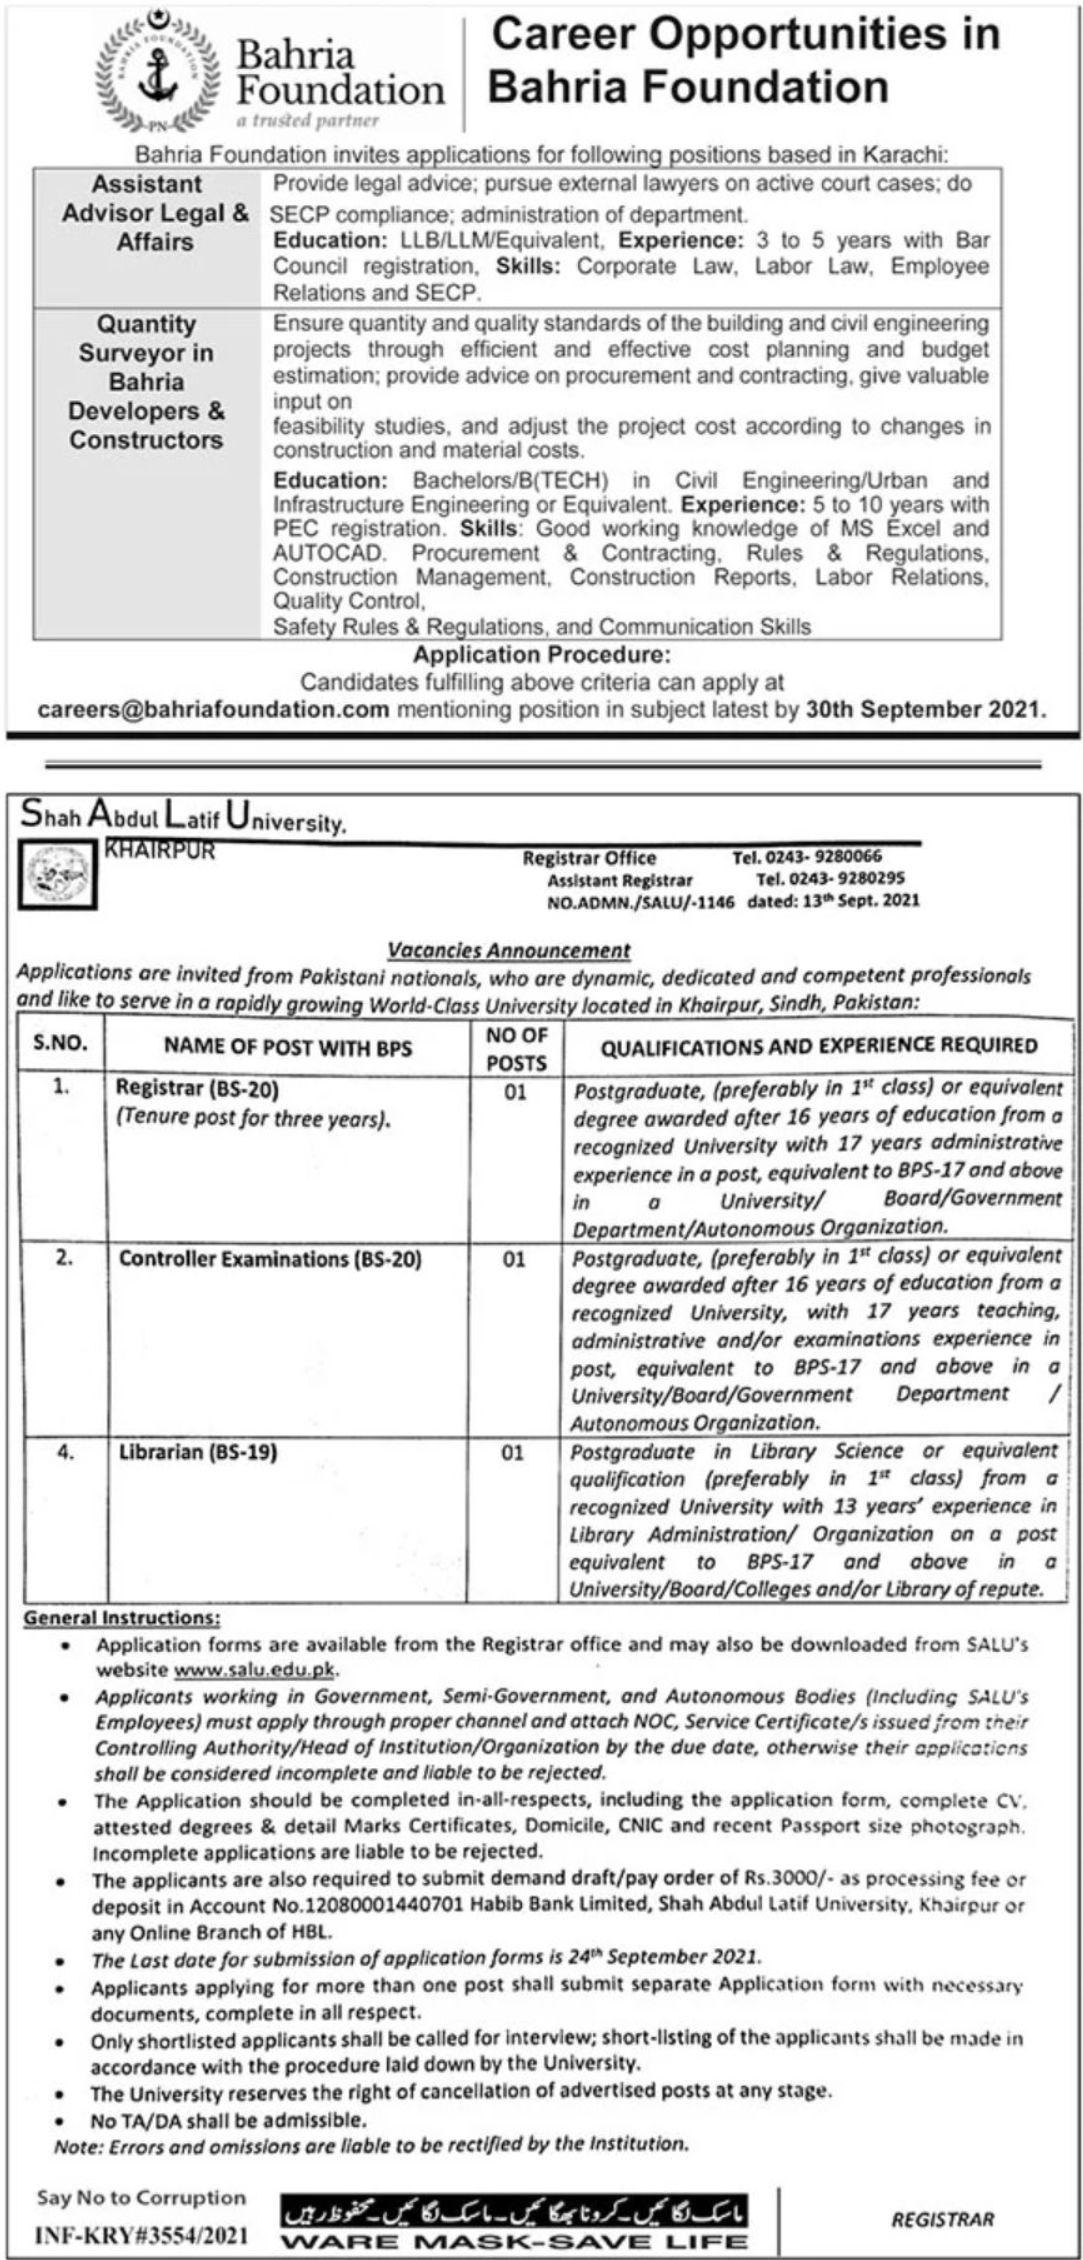 Bahria Foundation Vacancies 2021 – Dailyjobs.pk 3